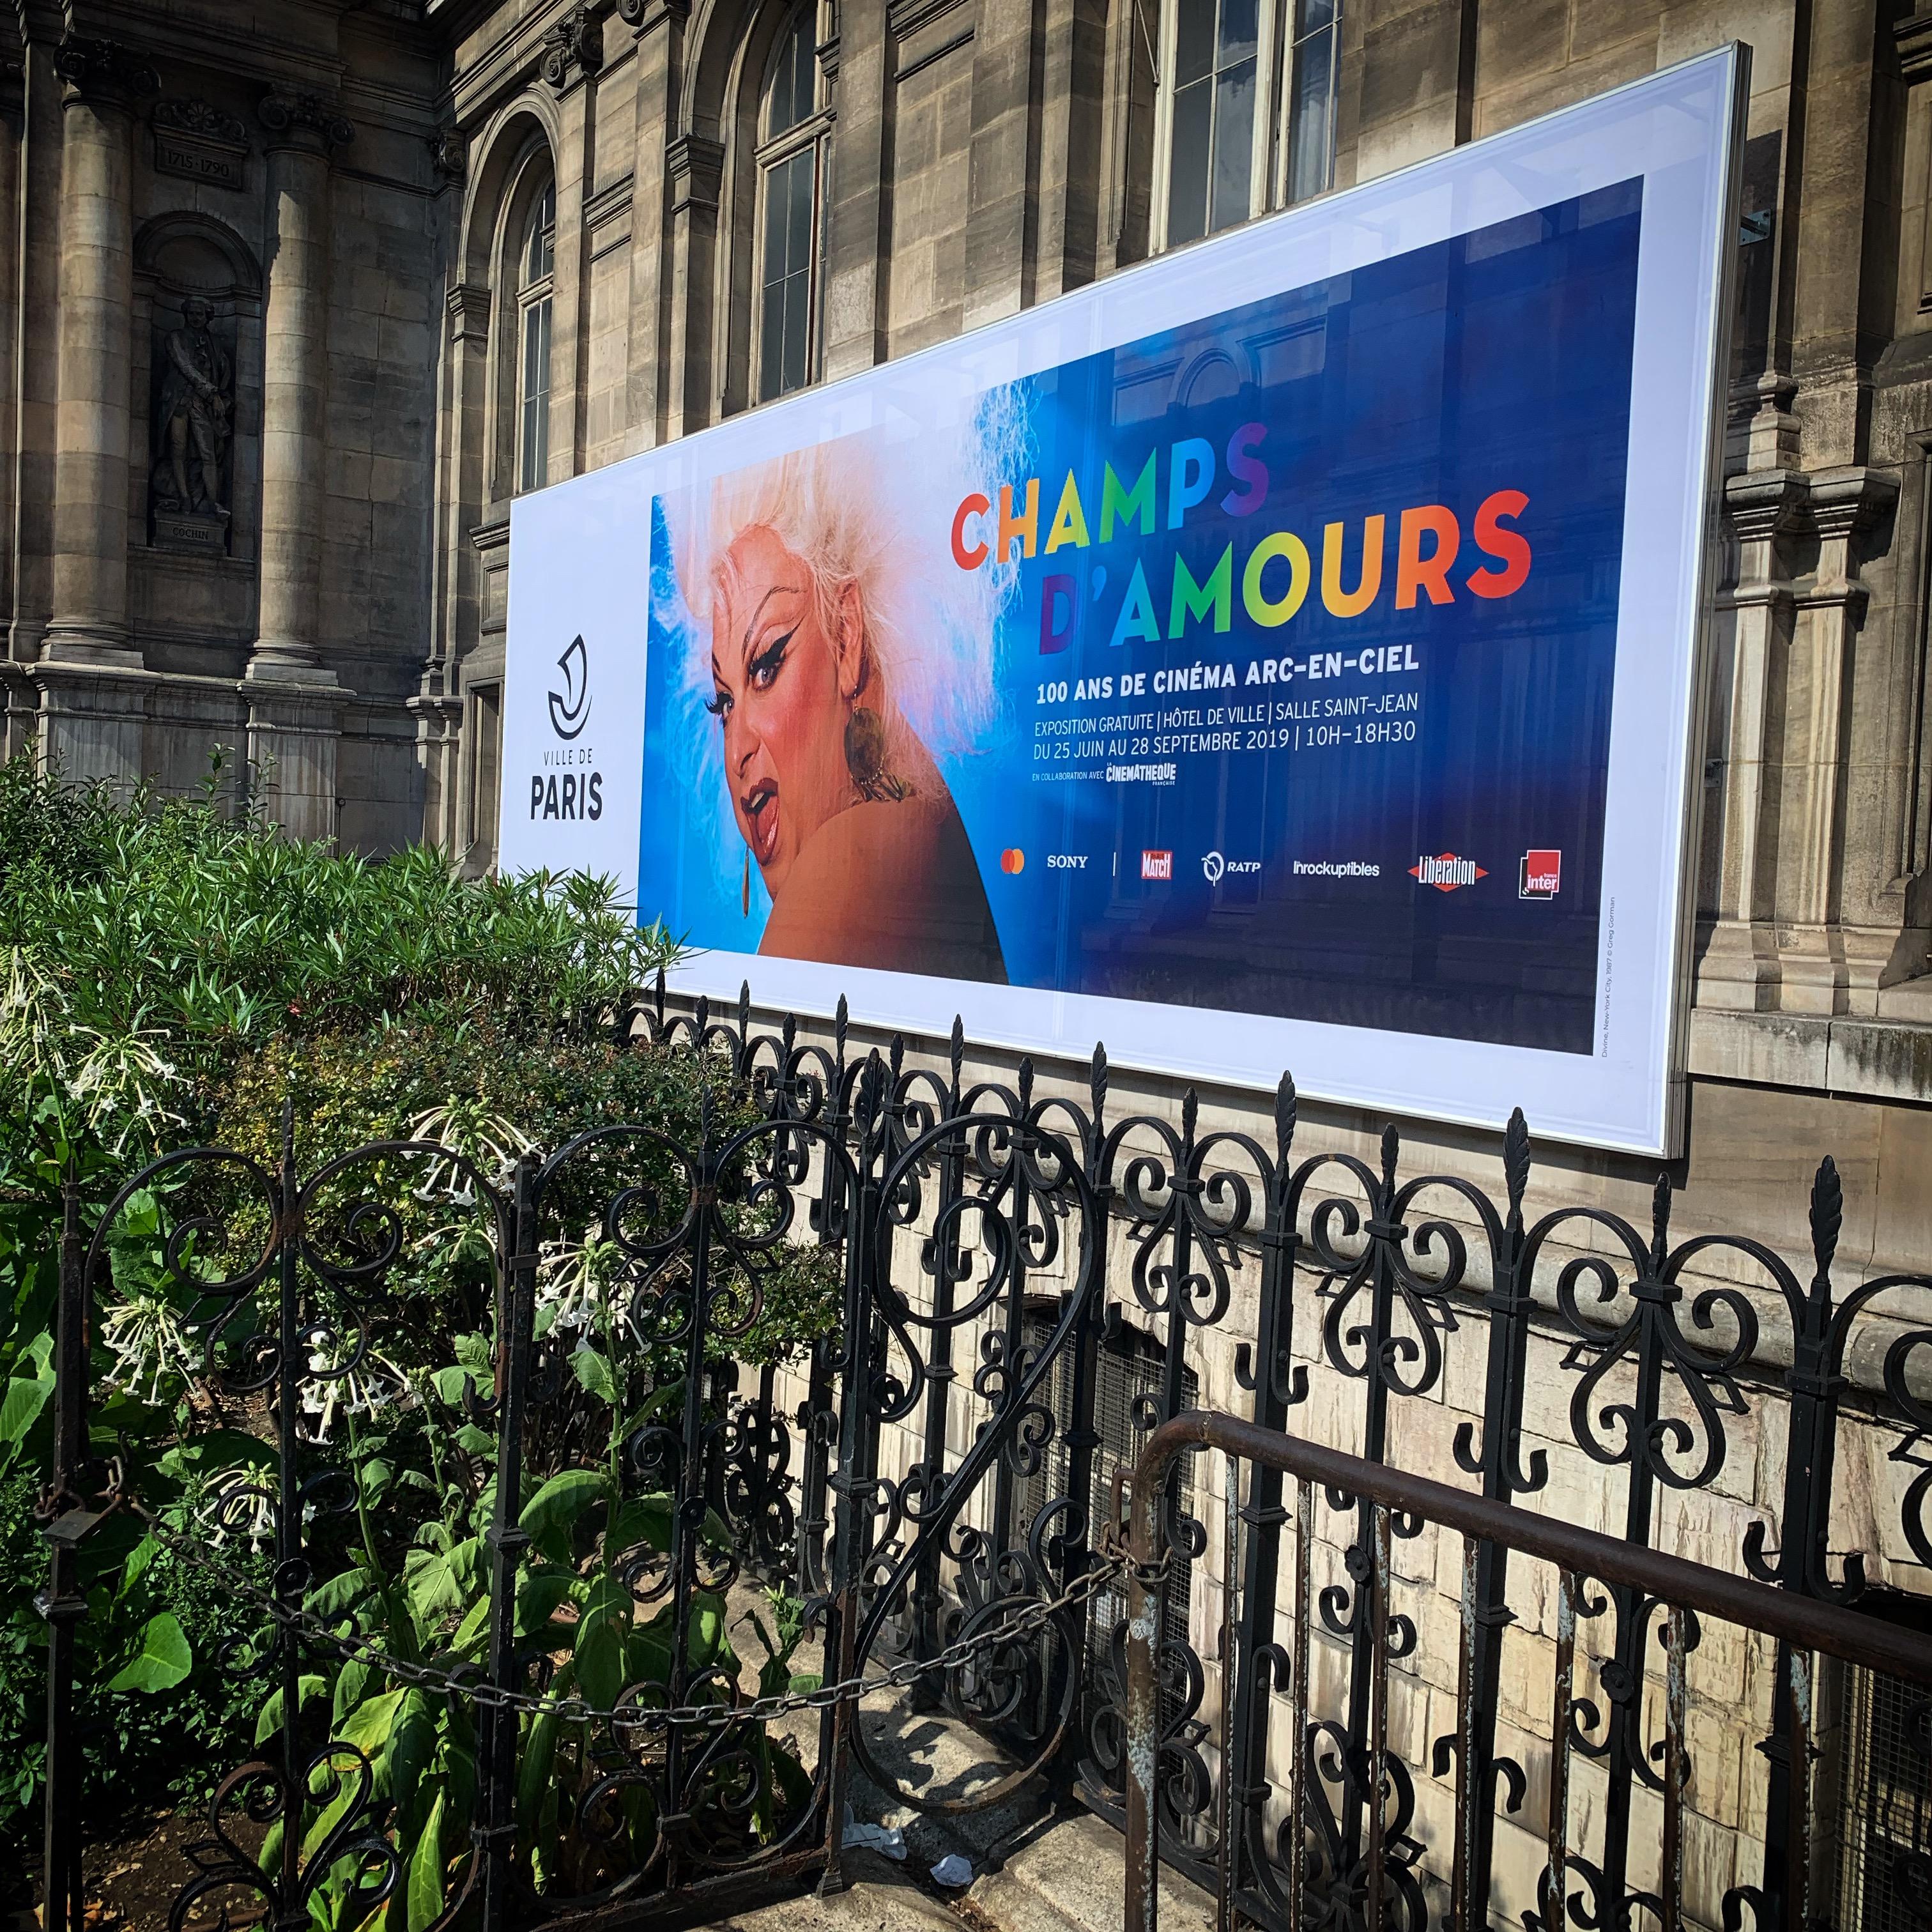 Exposition CHAMPS D 'AMOURS, 100 ans de cinéma arc-en-ciel, 2019